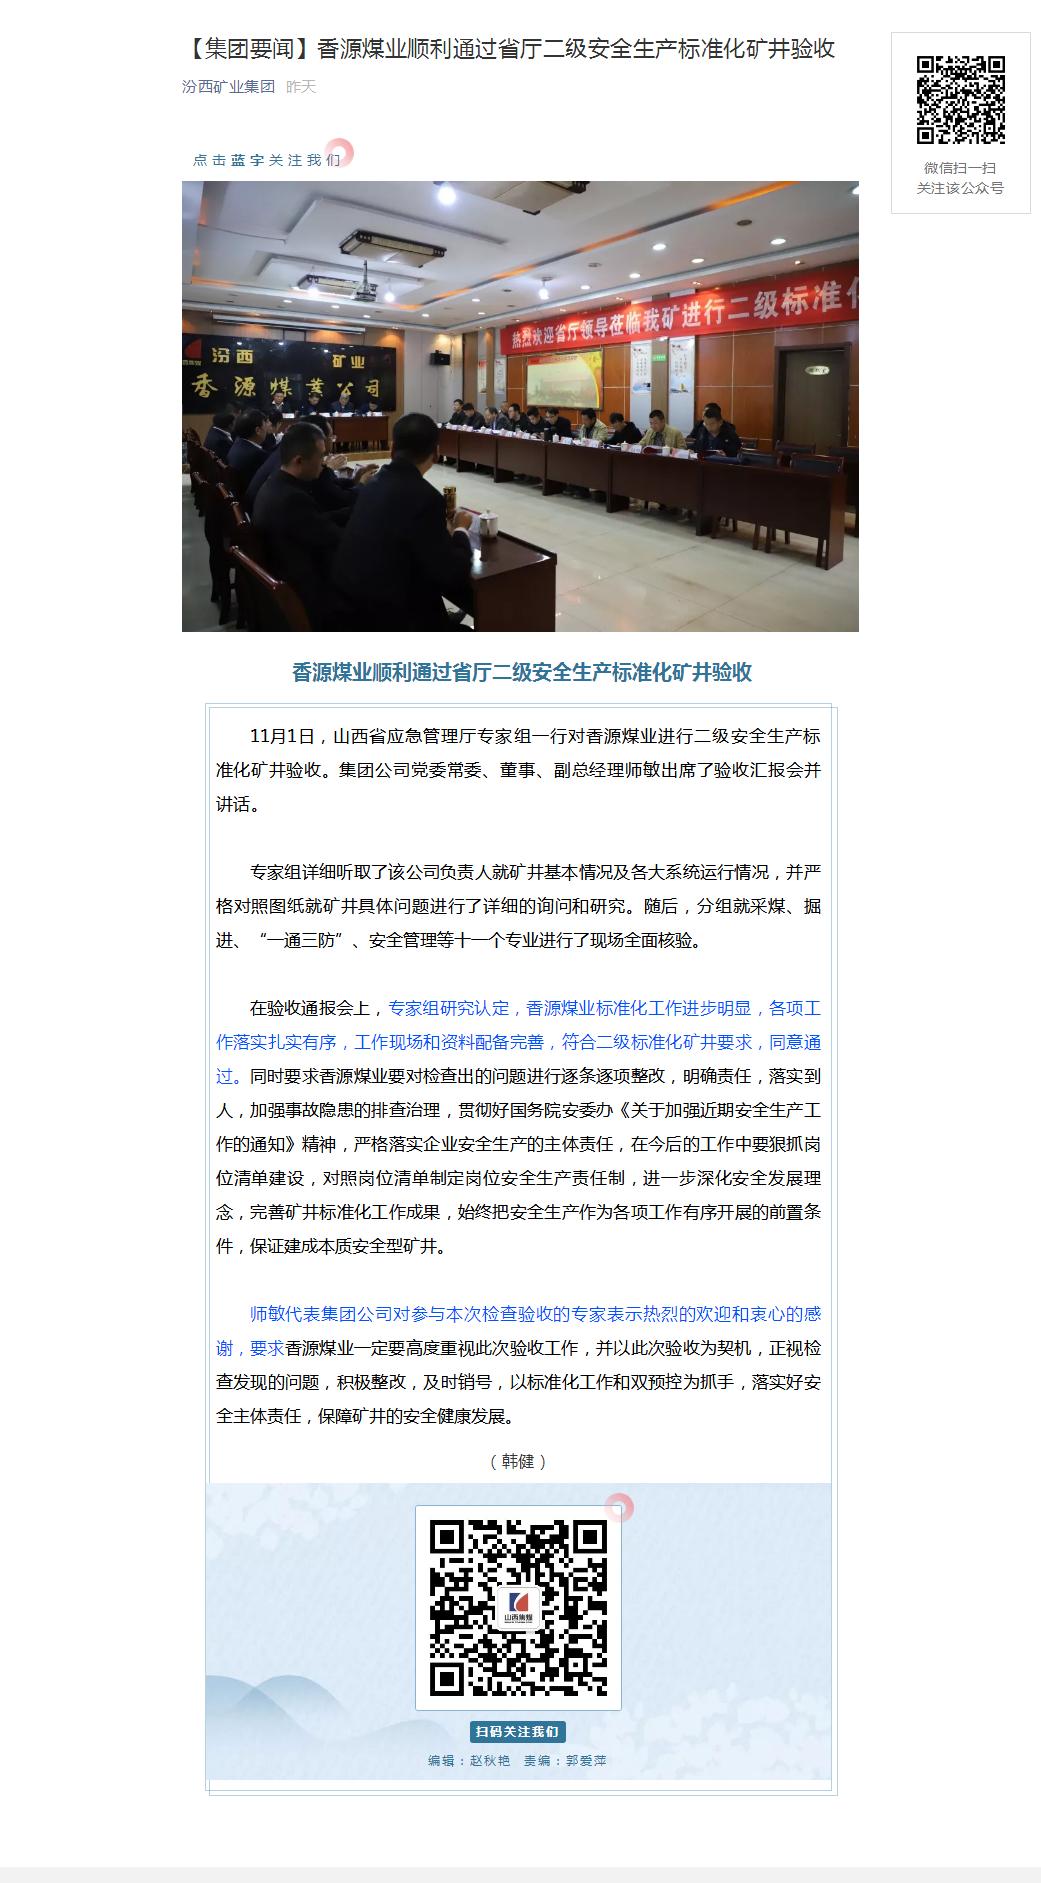 【集团要闻】香源煤业顺利通过省厅二级安全生产标准化矿井验收.png